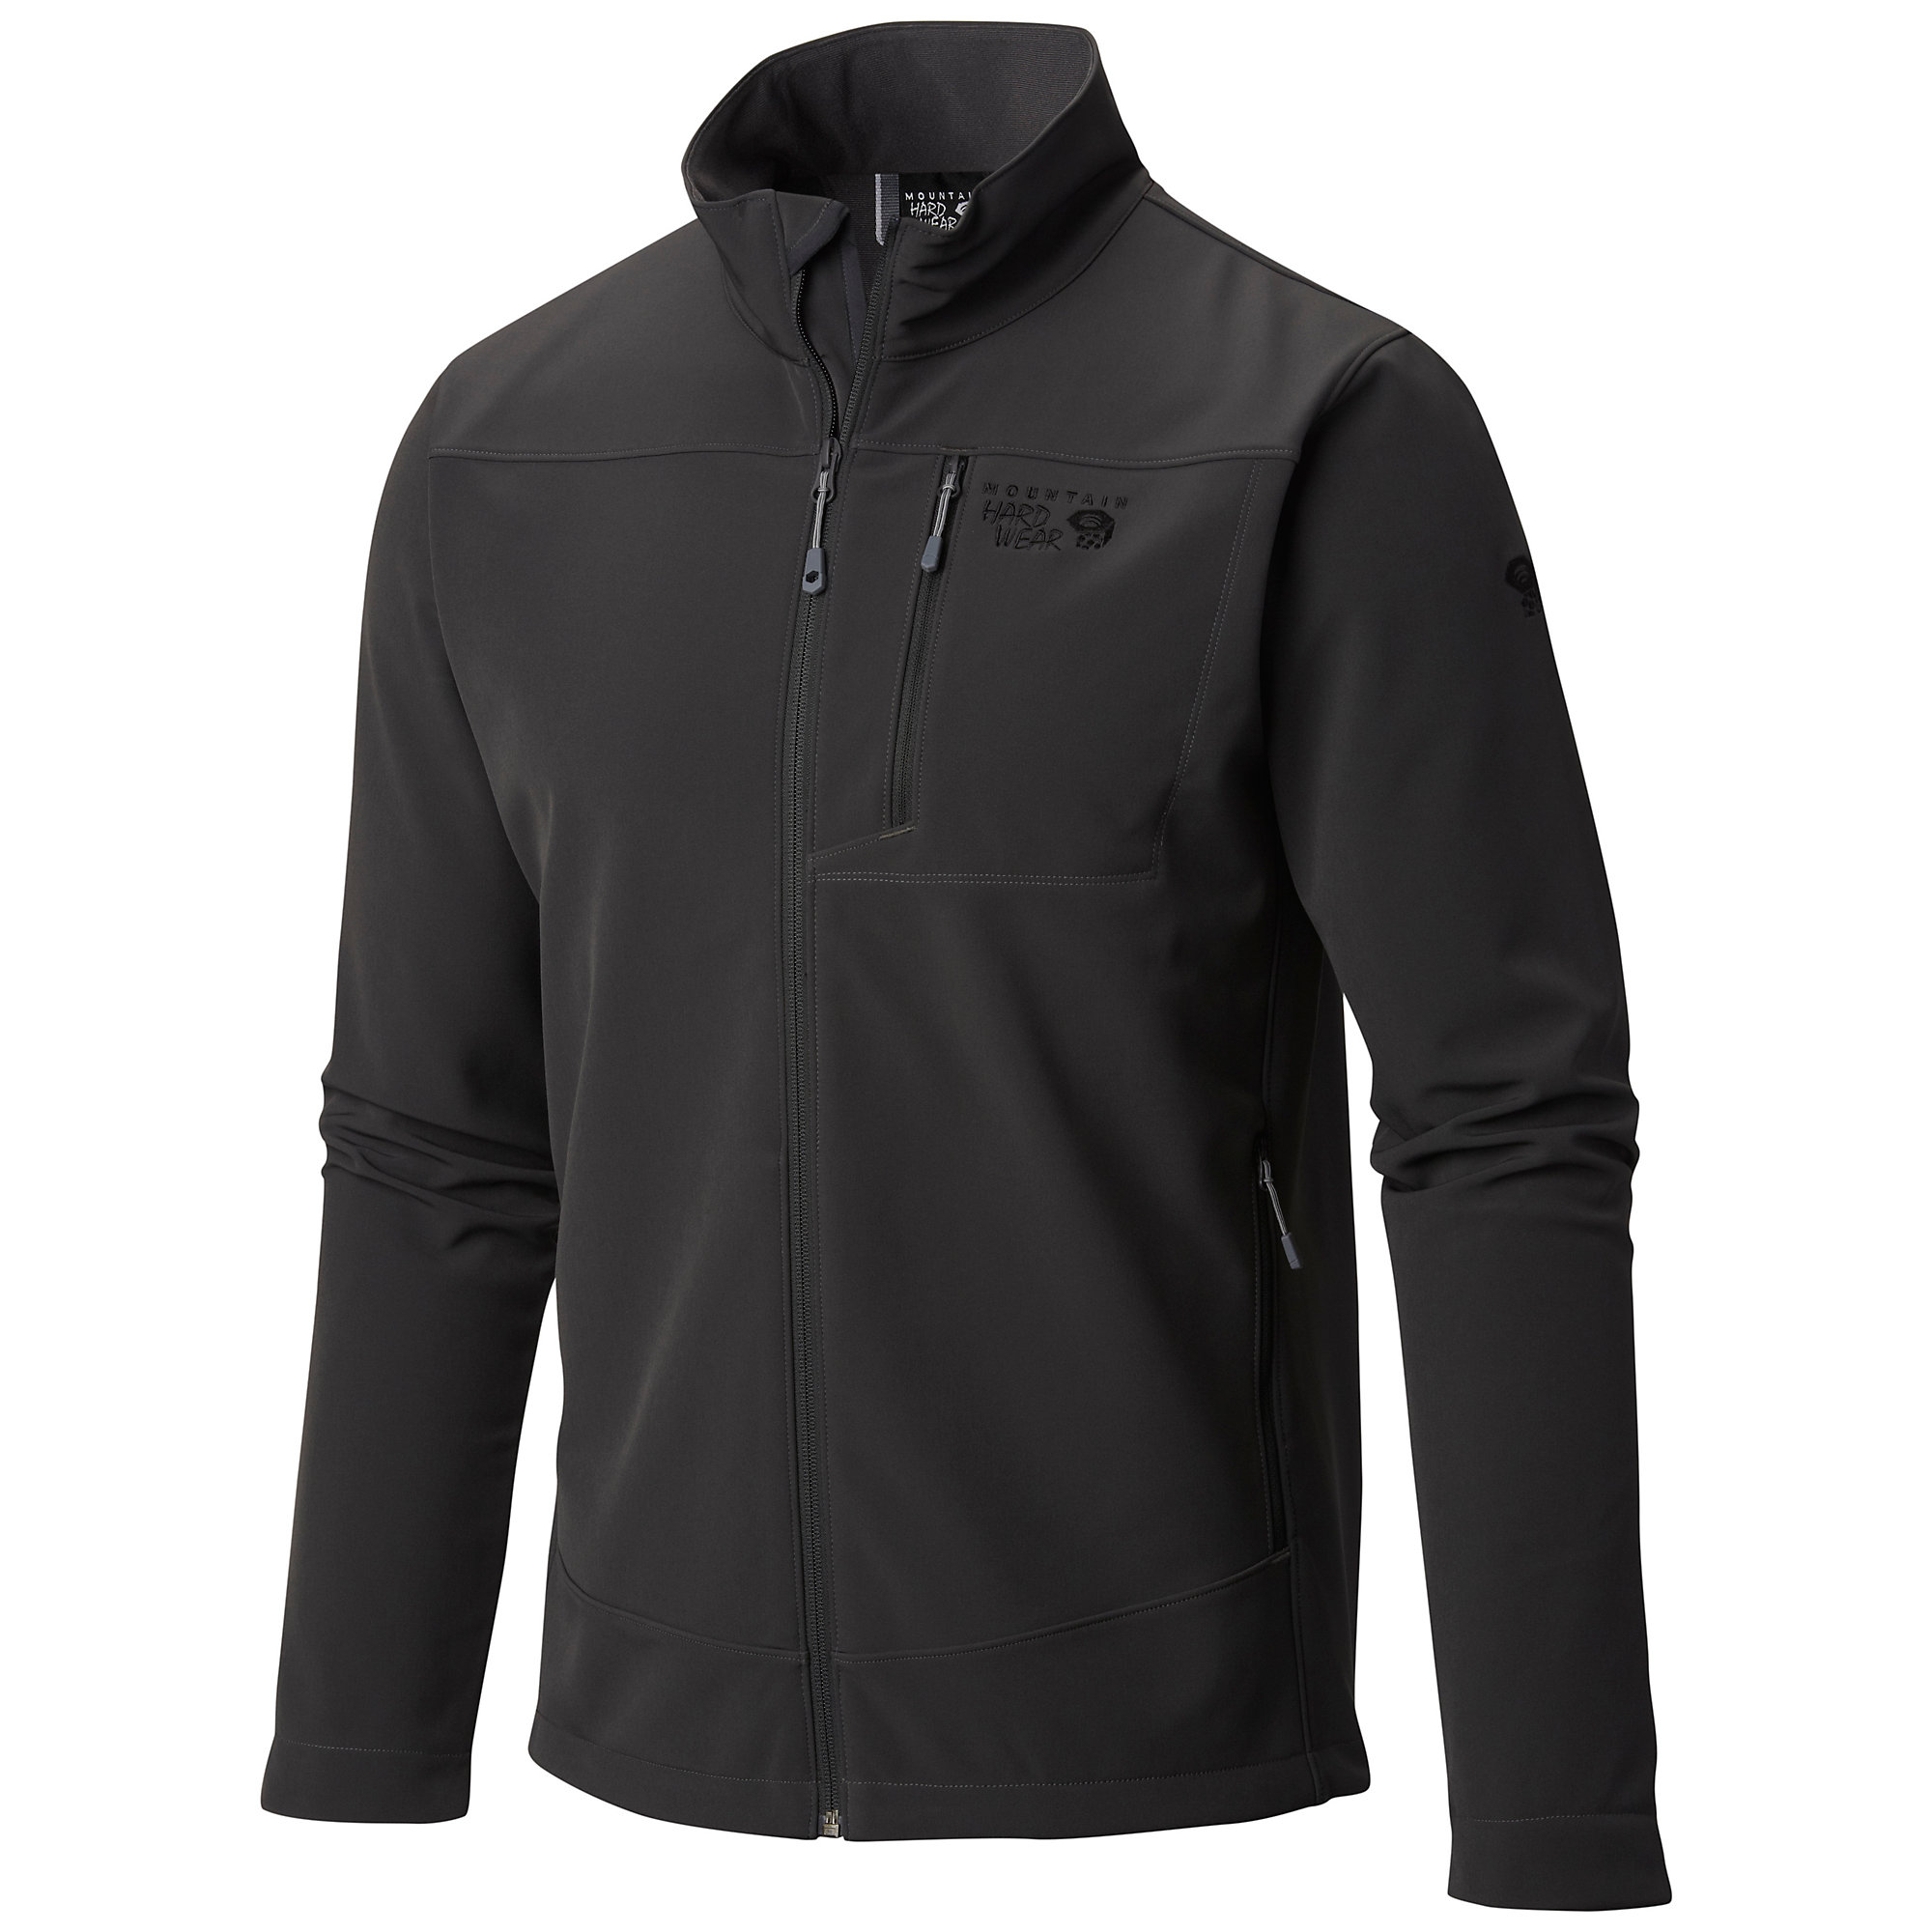 Mountain Hardwear Fairing Jacket